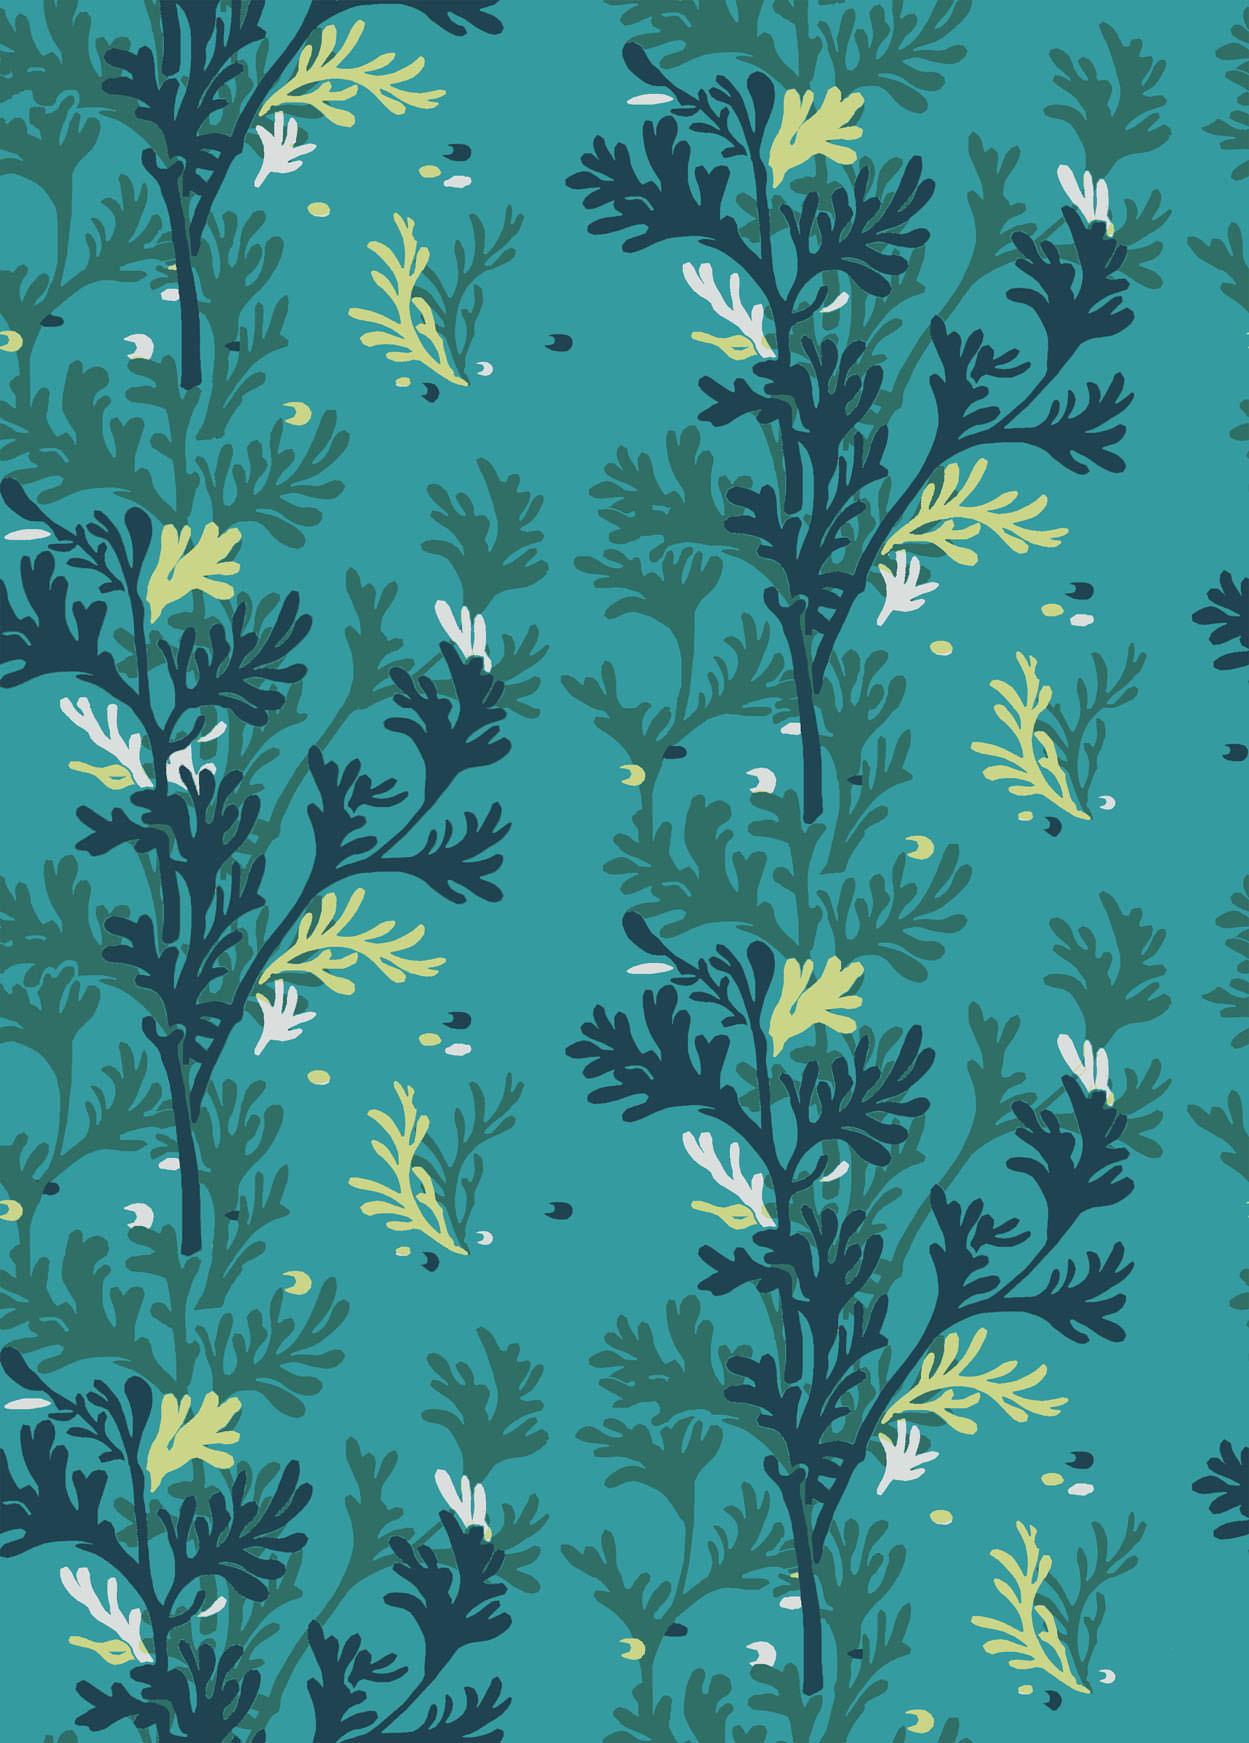 seaweed fabric in blue.jpg